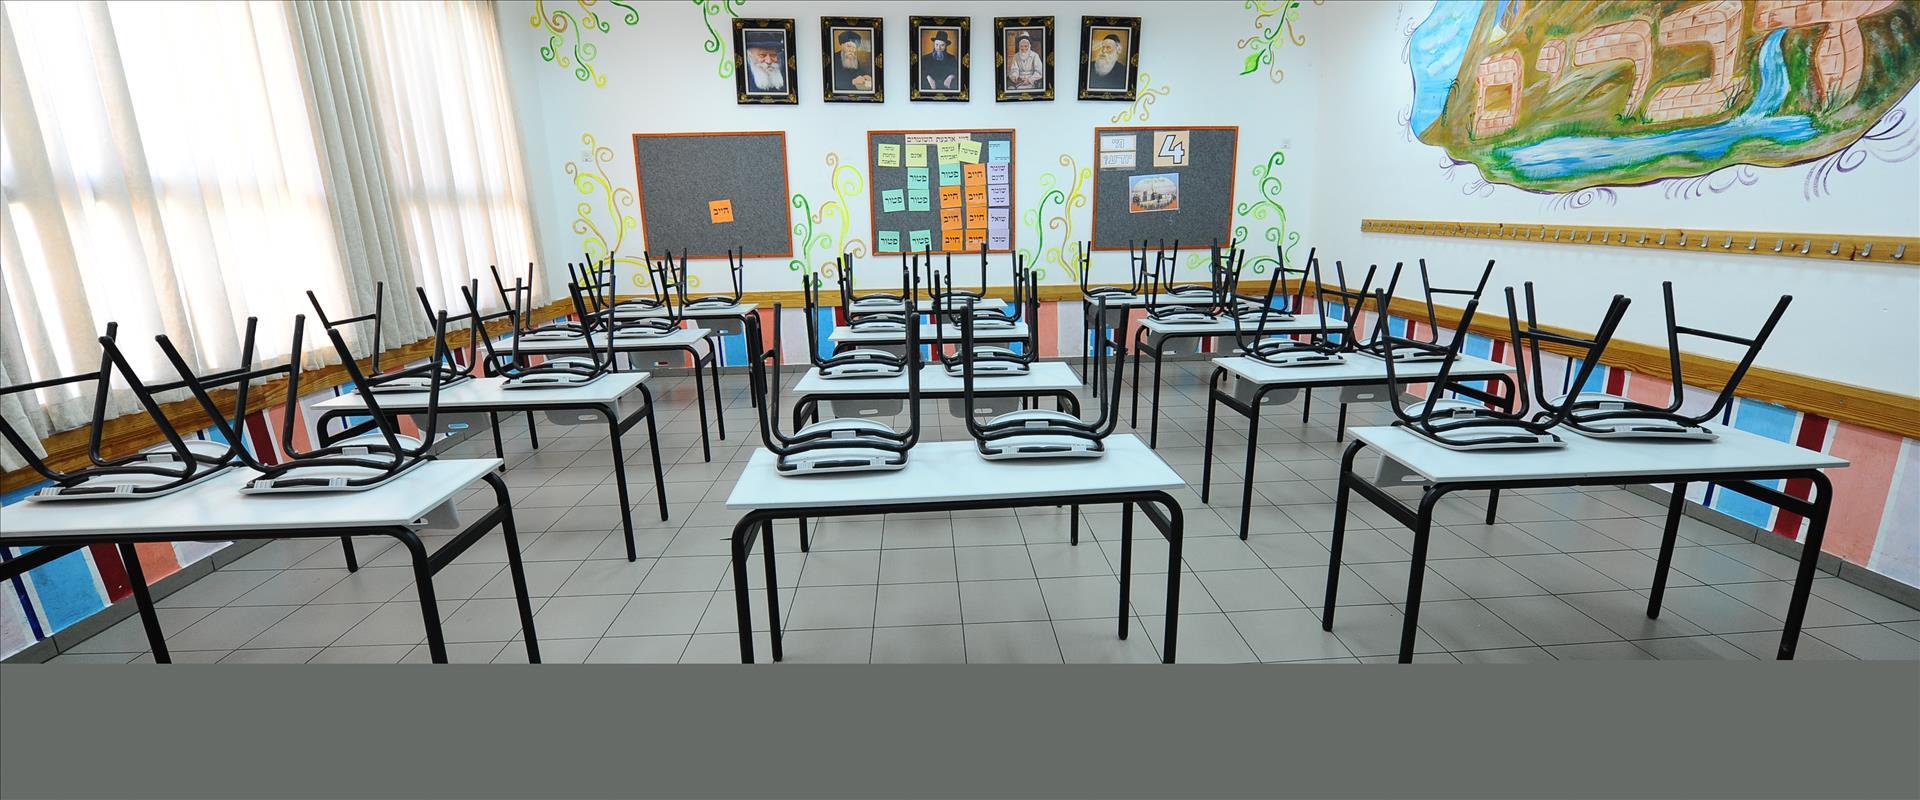 4000 élèves bédouins risquent de se retrouver sans écoles à la rentrée